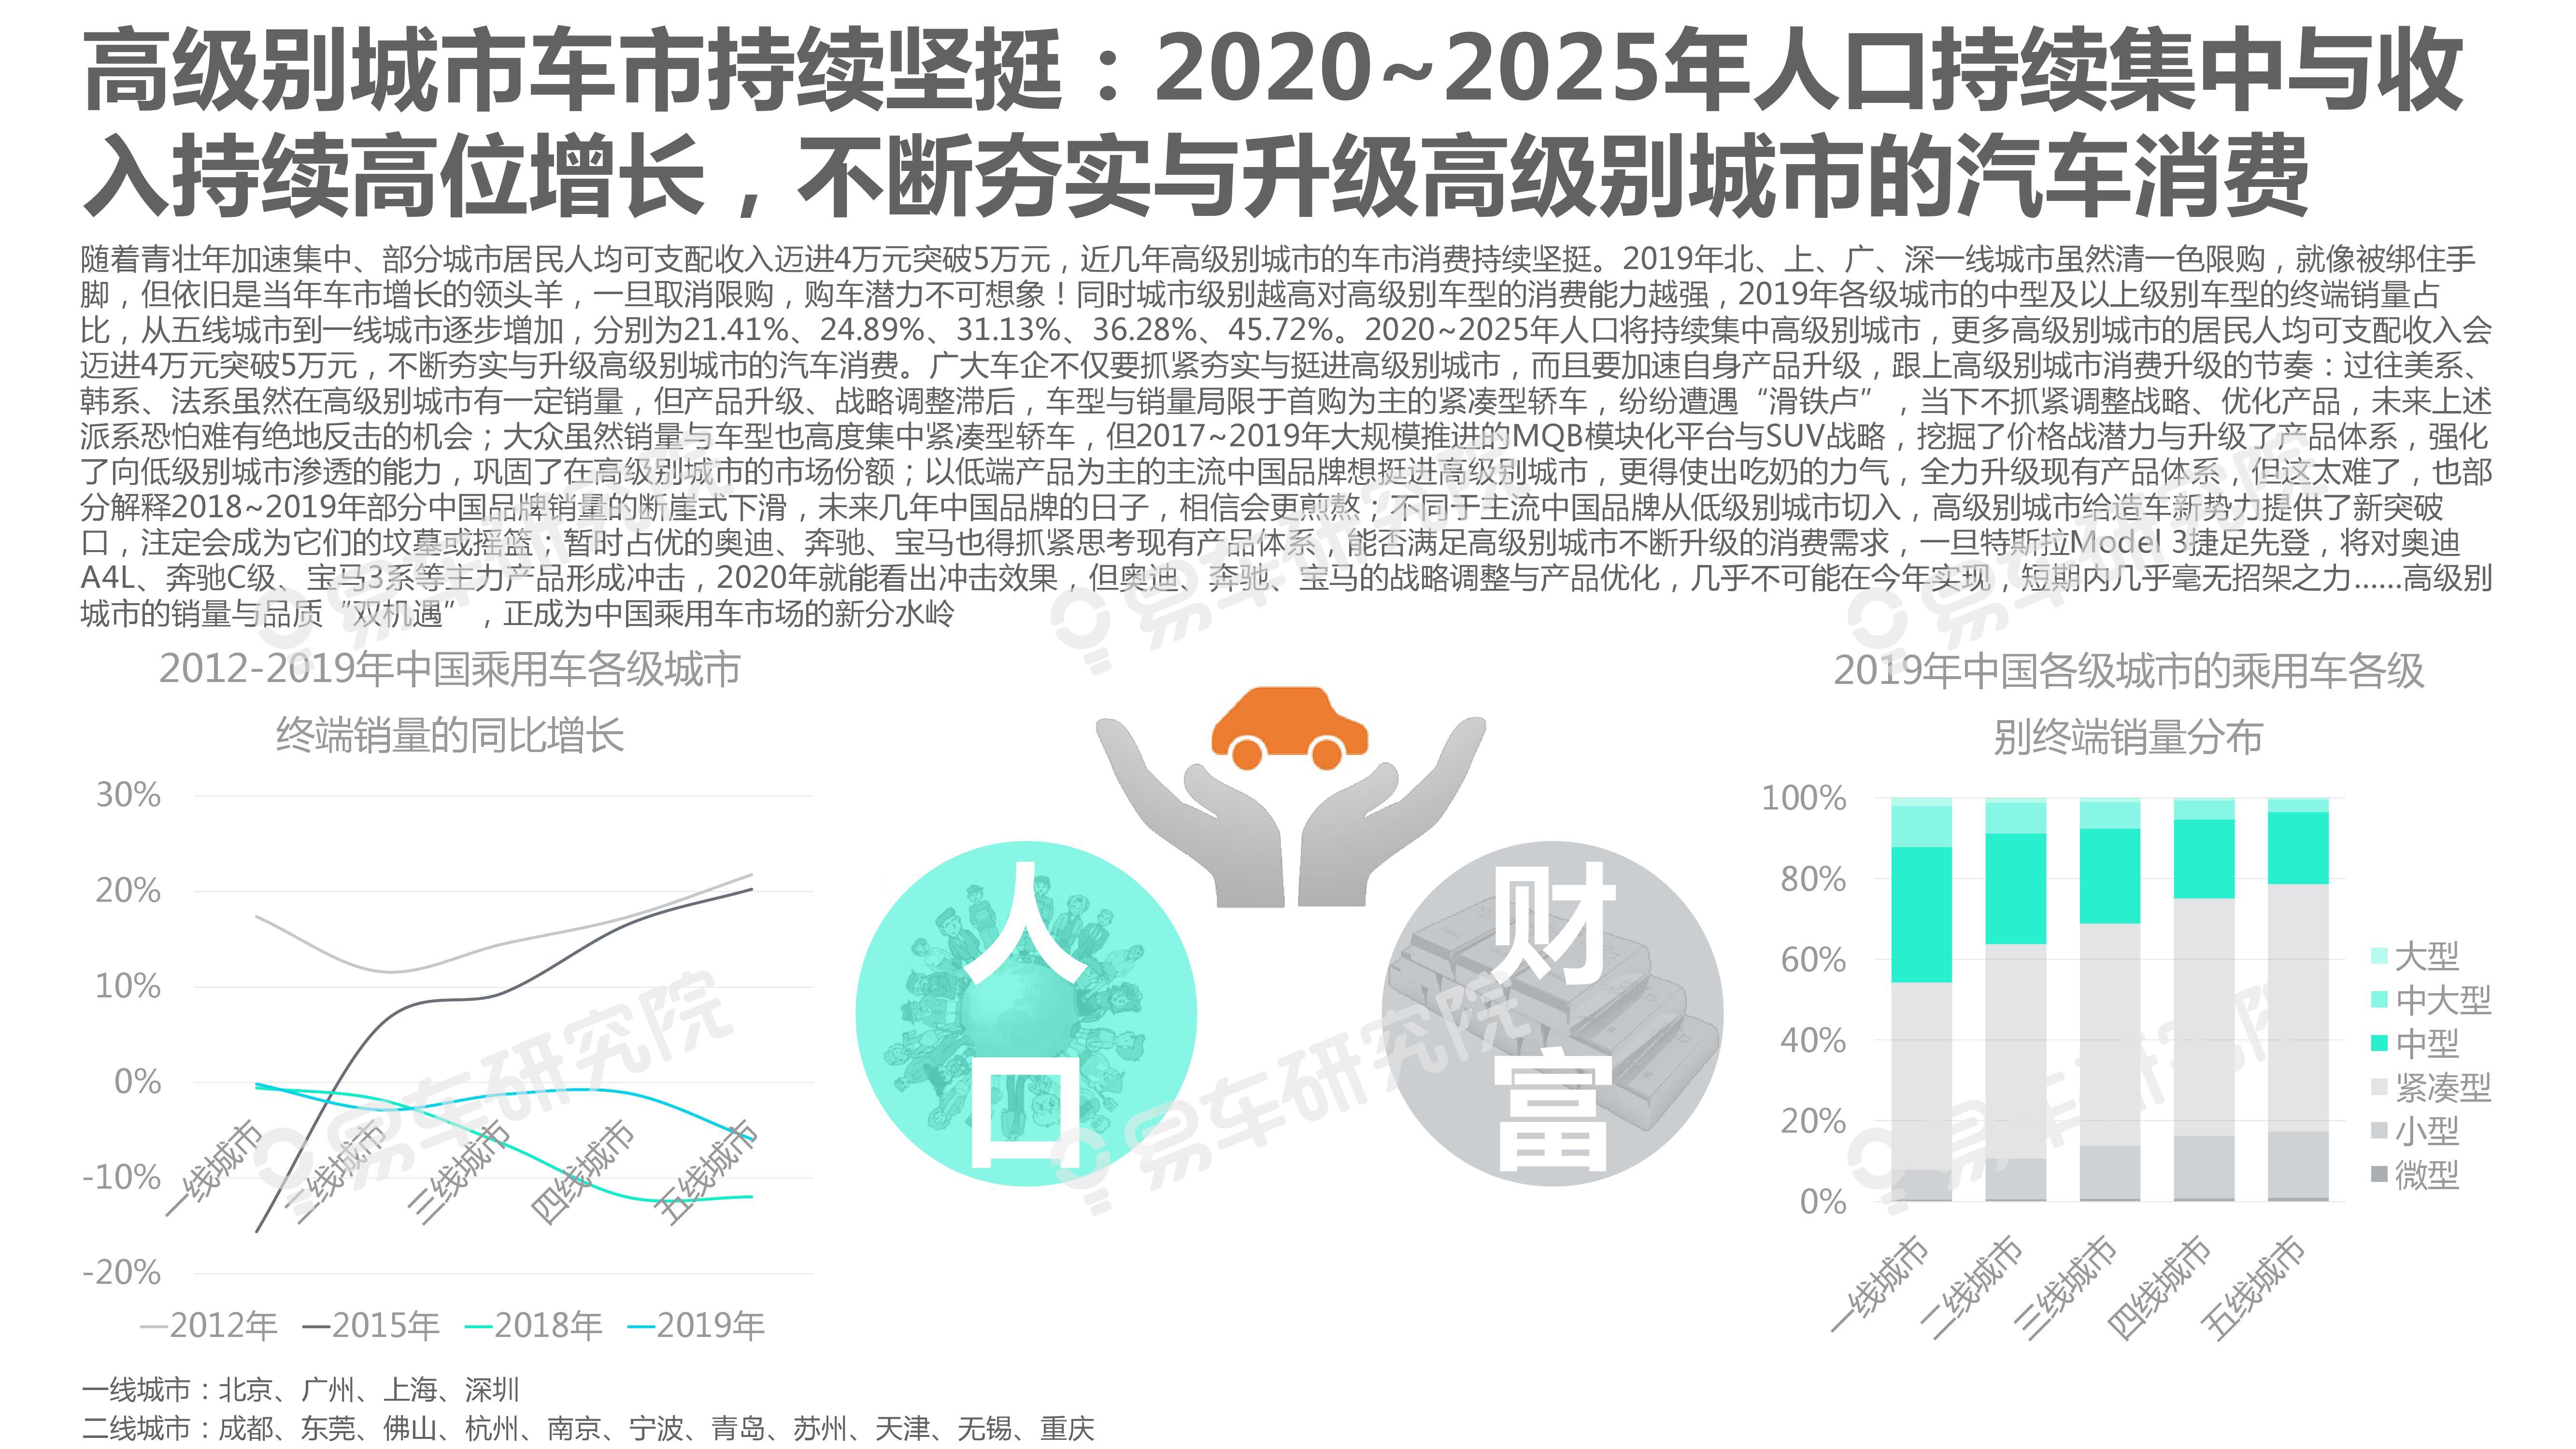 """2020-2025年城市:区域洞察报告—车企急需构建""""战略矩阵""""(可下载报告)插图(11)"""